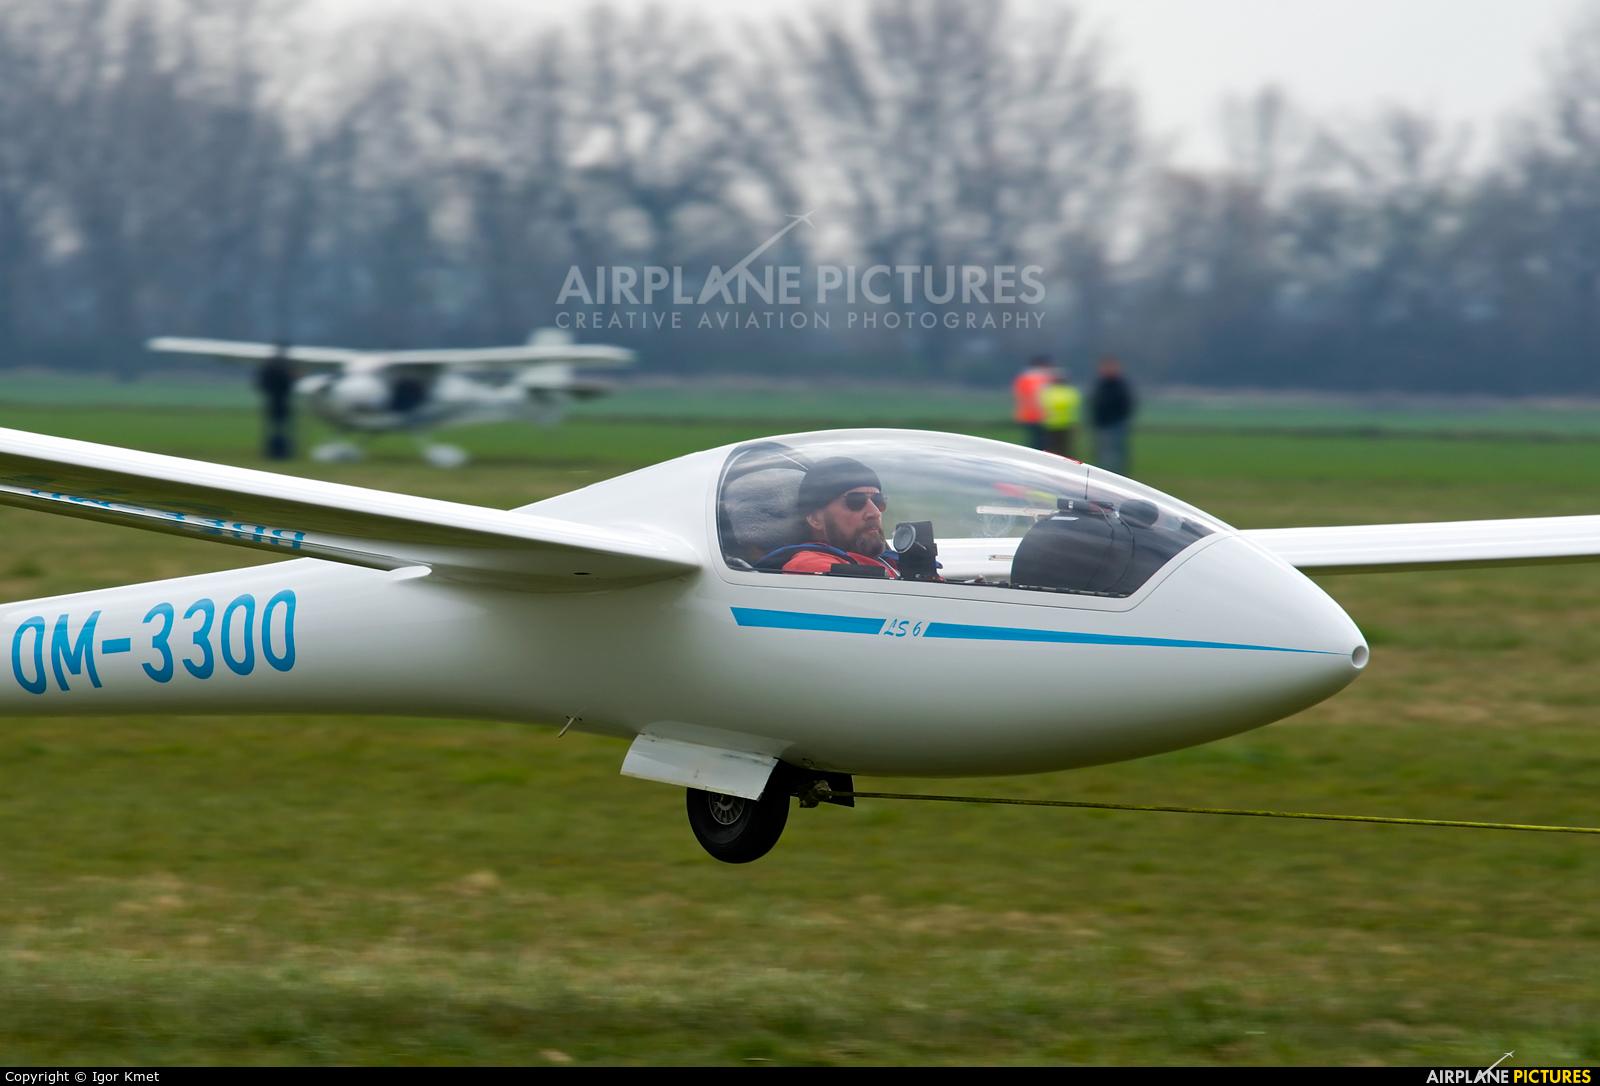 Aeroklub Nitra OM-3300 aircraft at Nitra